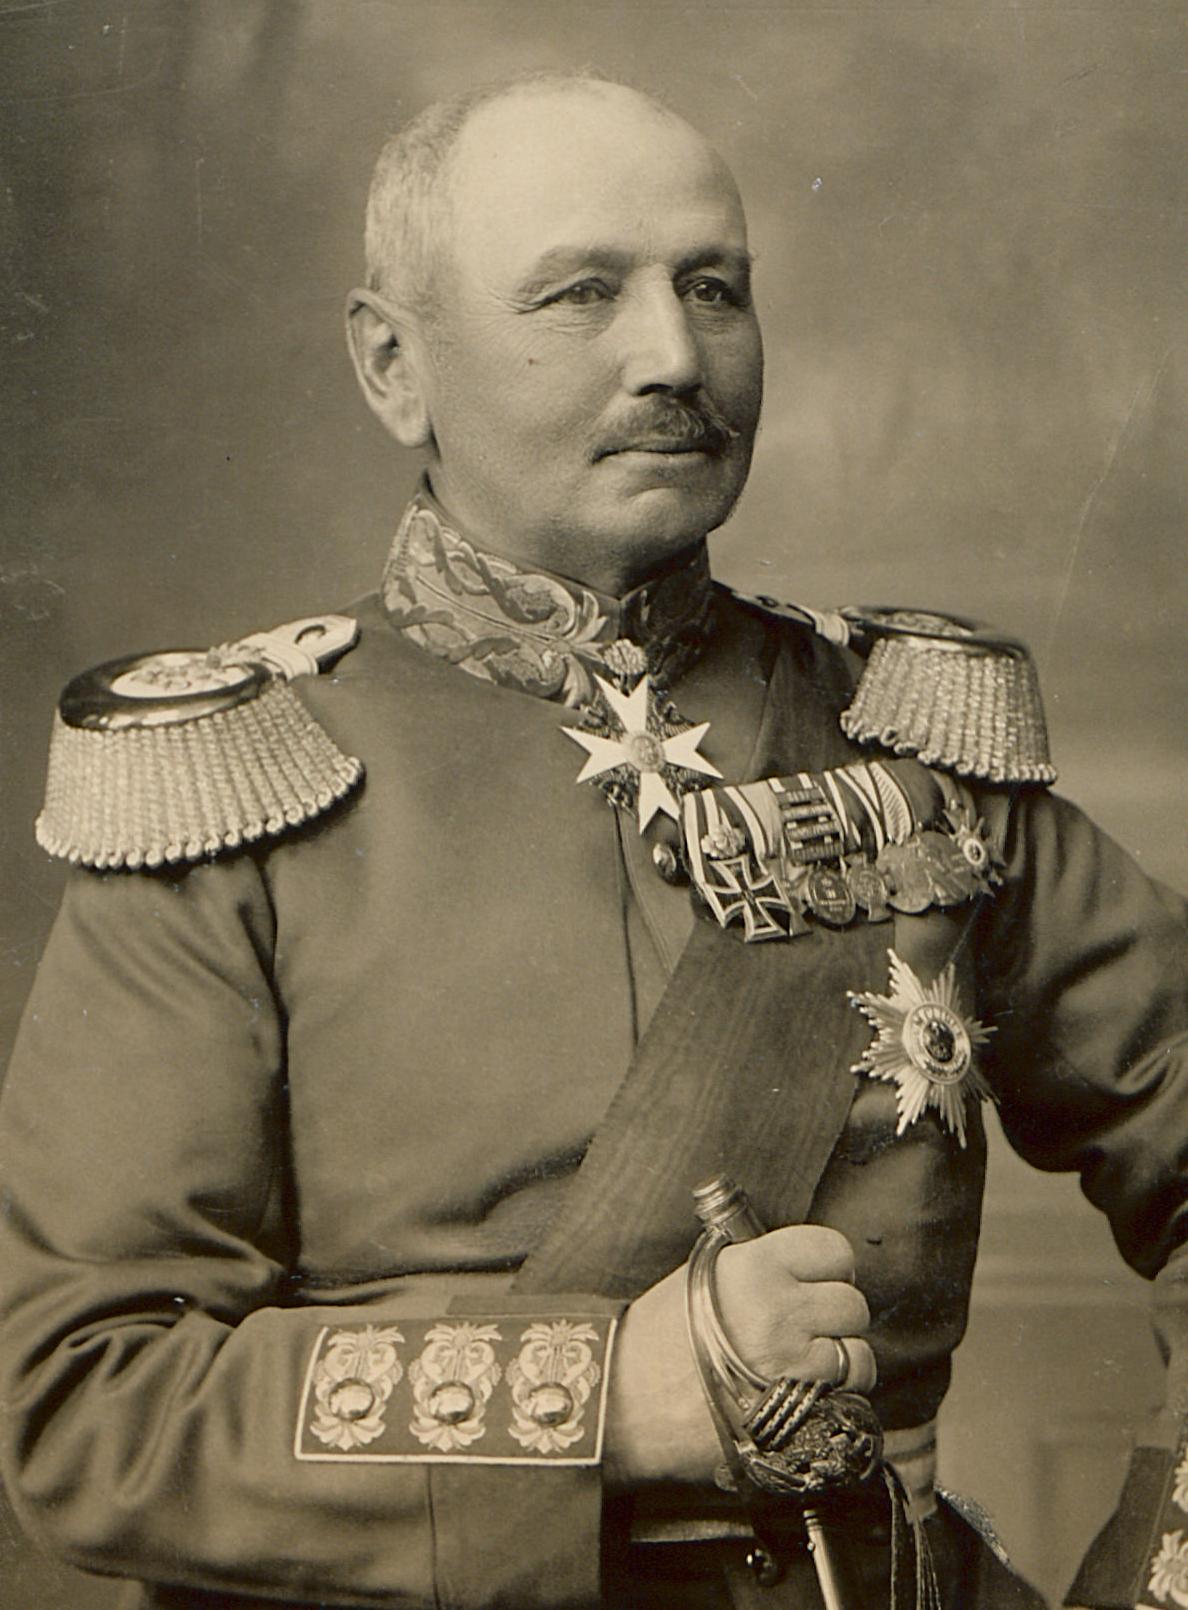 Alexander von kluck wikipedia for Alexander heinrich